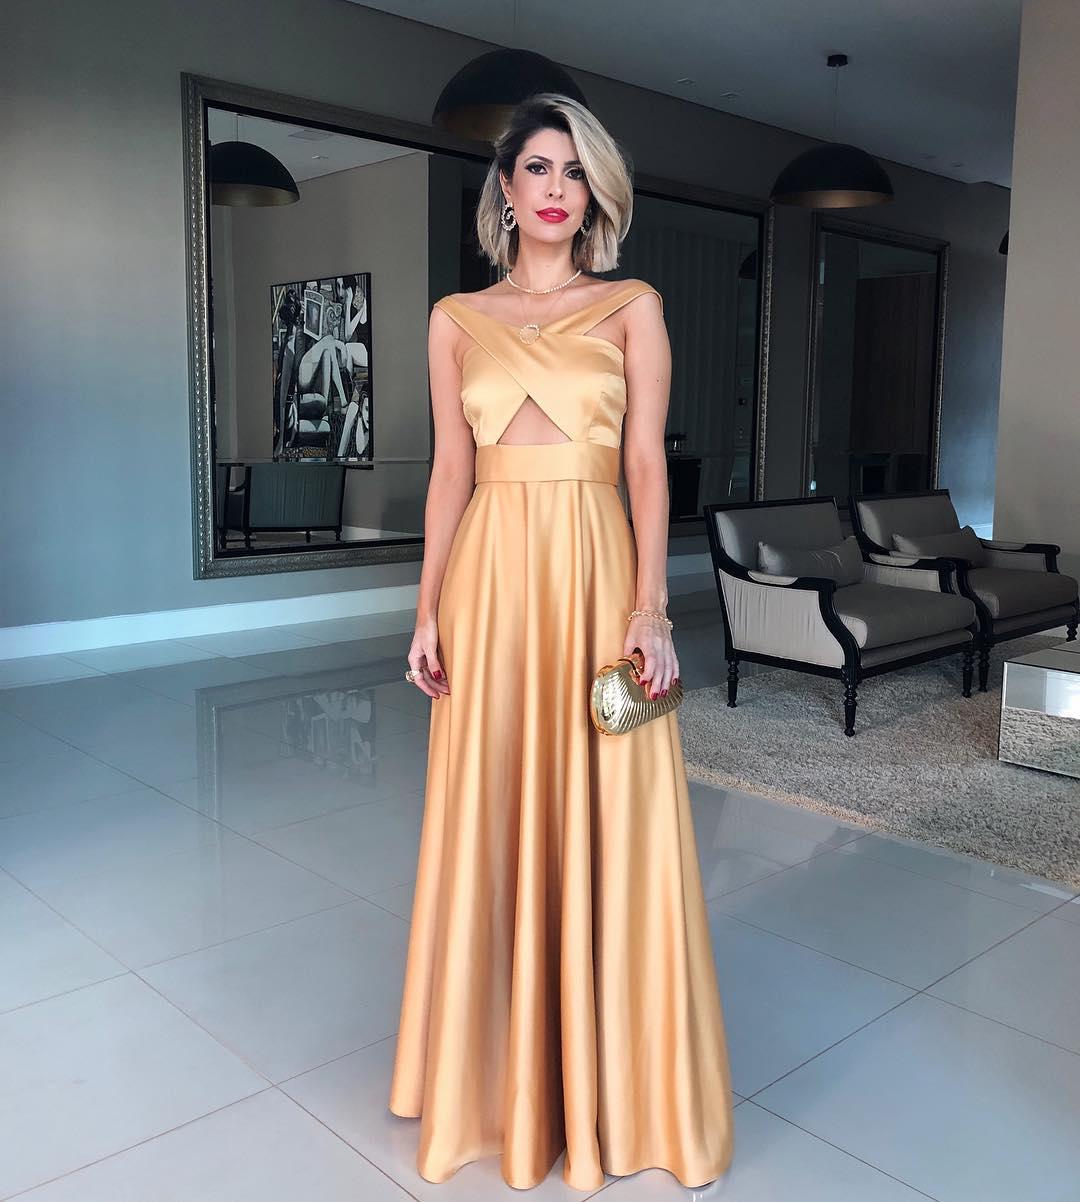 Vestido de festa 2019  115 modelos para arrasar em ocasiões especiais 41c40a6a37c4